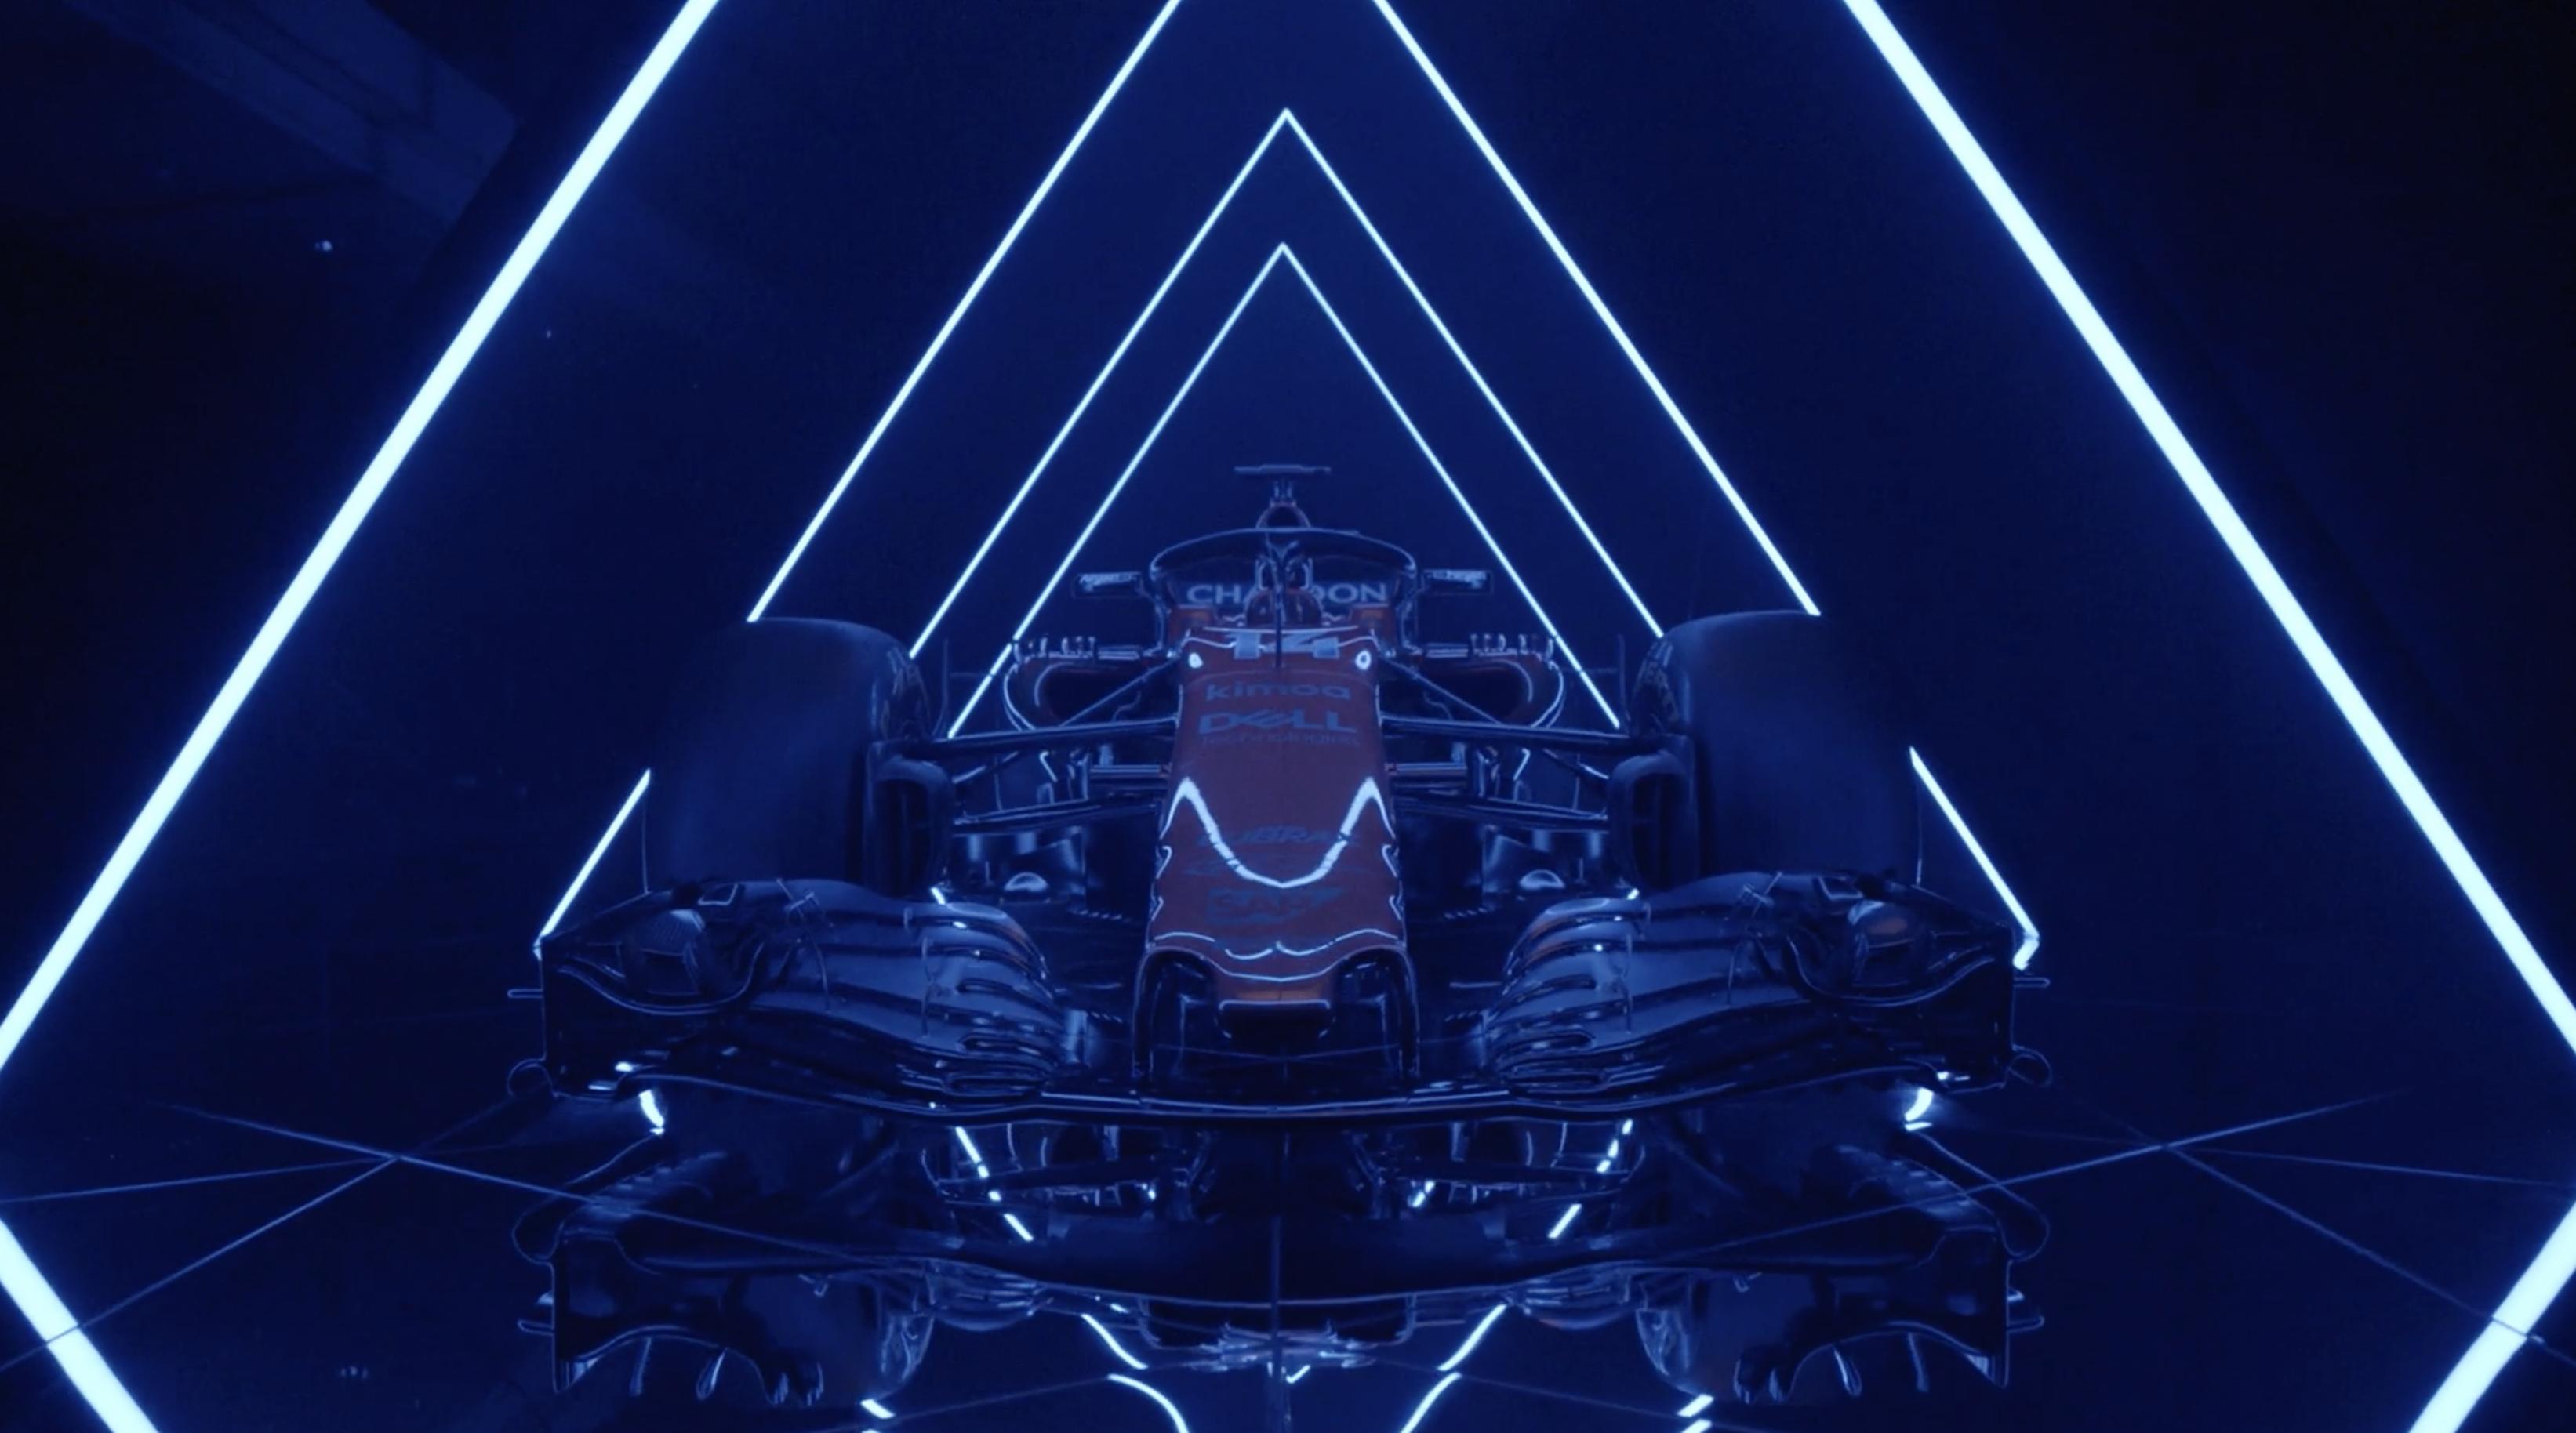 McLaren 2018 F1 launch